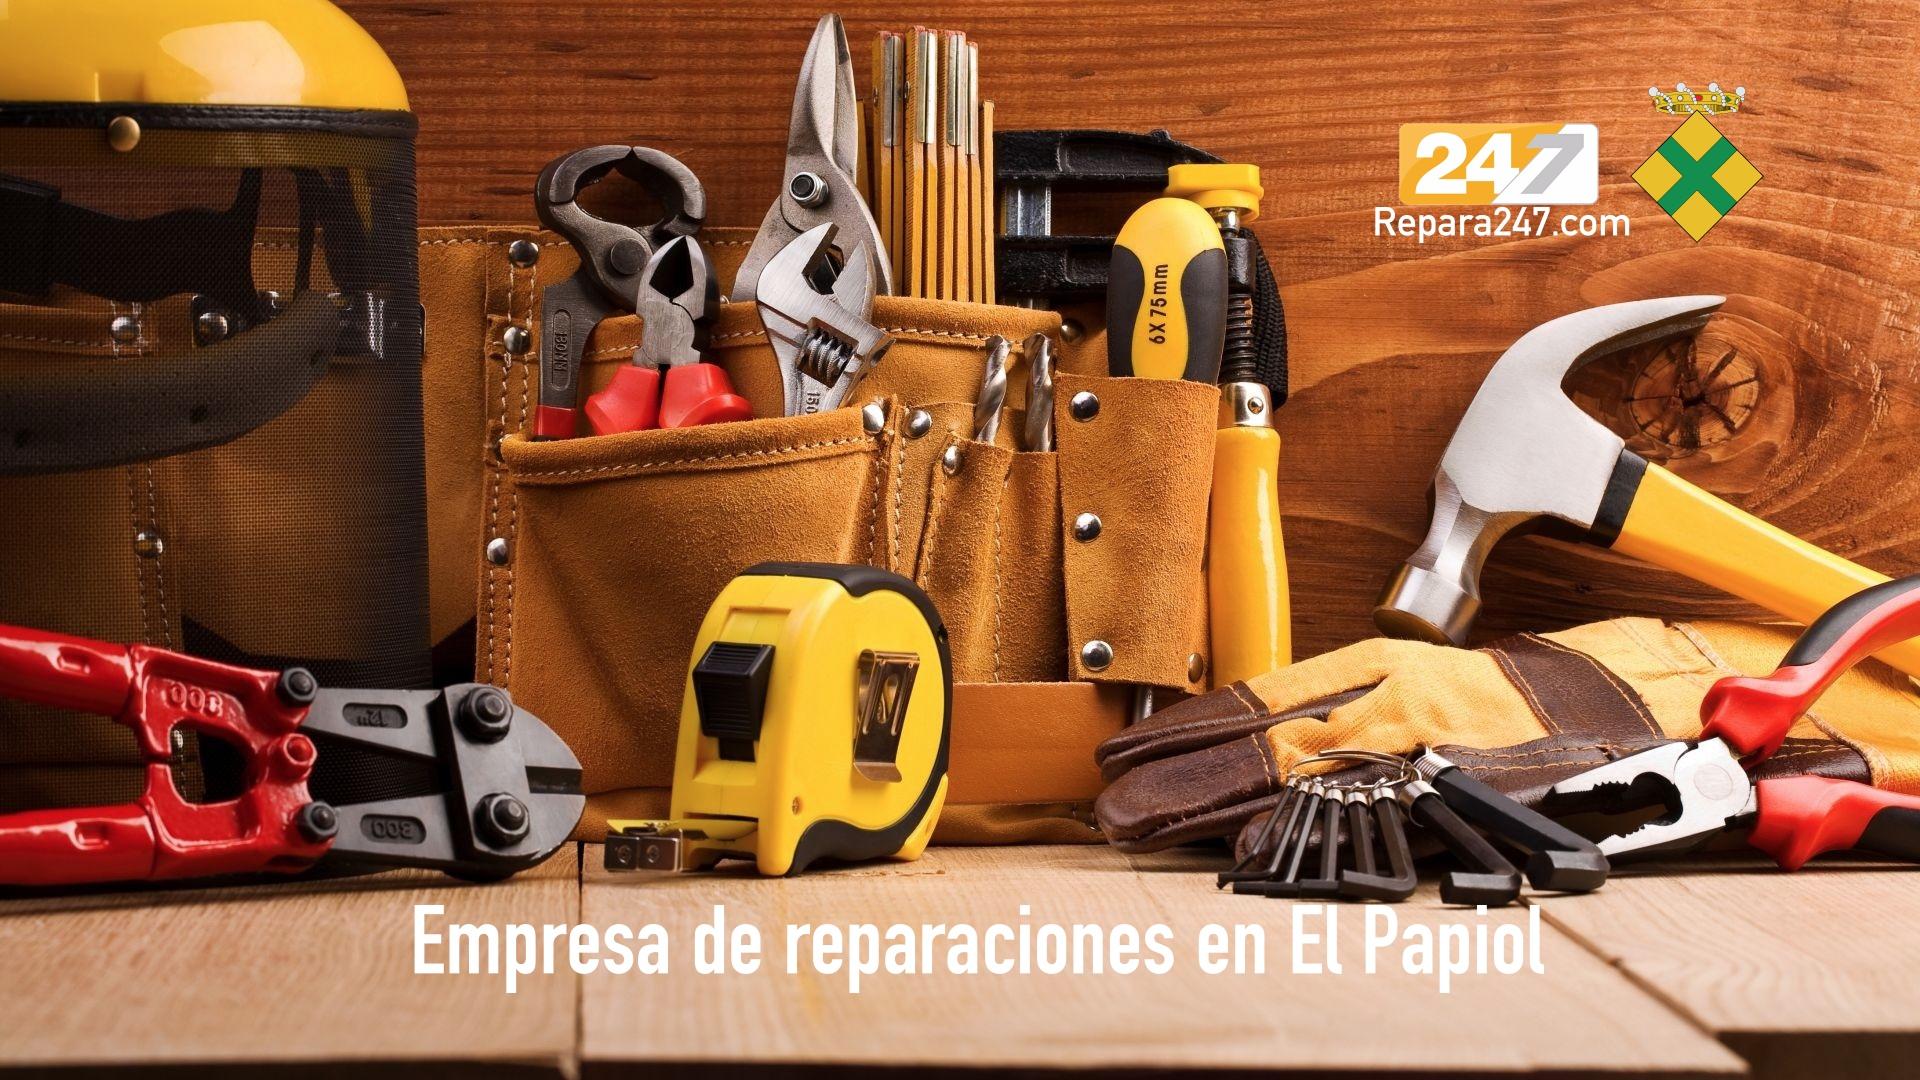 Empresa de reparaciones en El Papiol